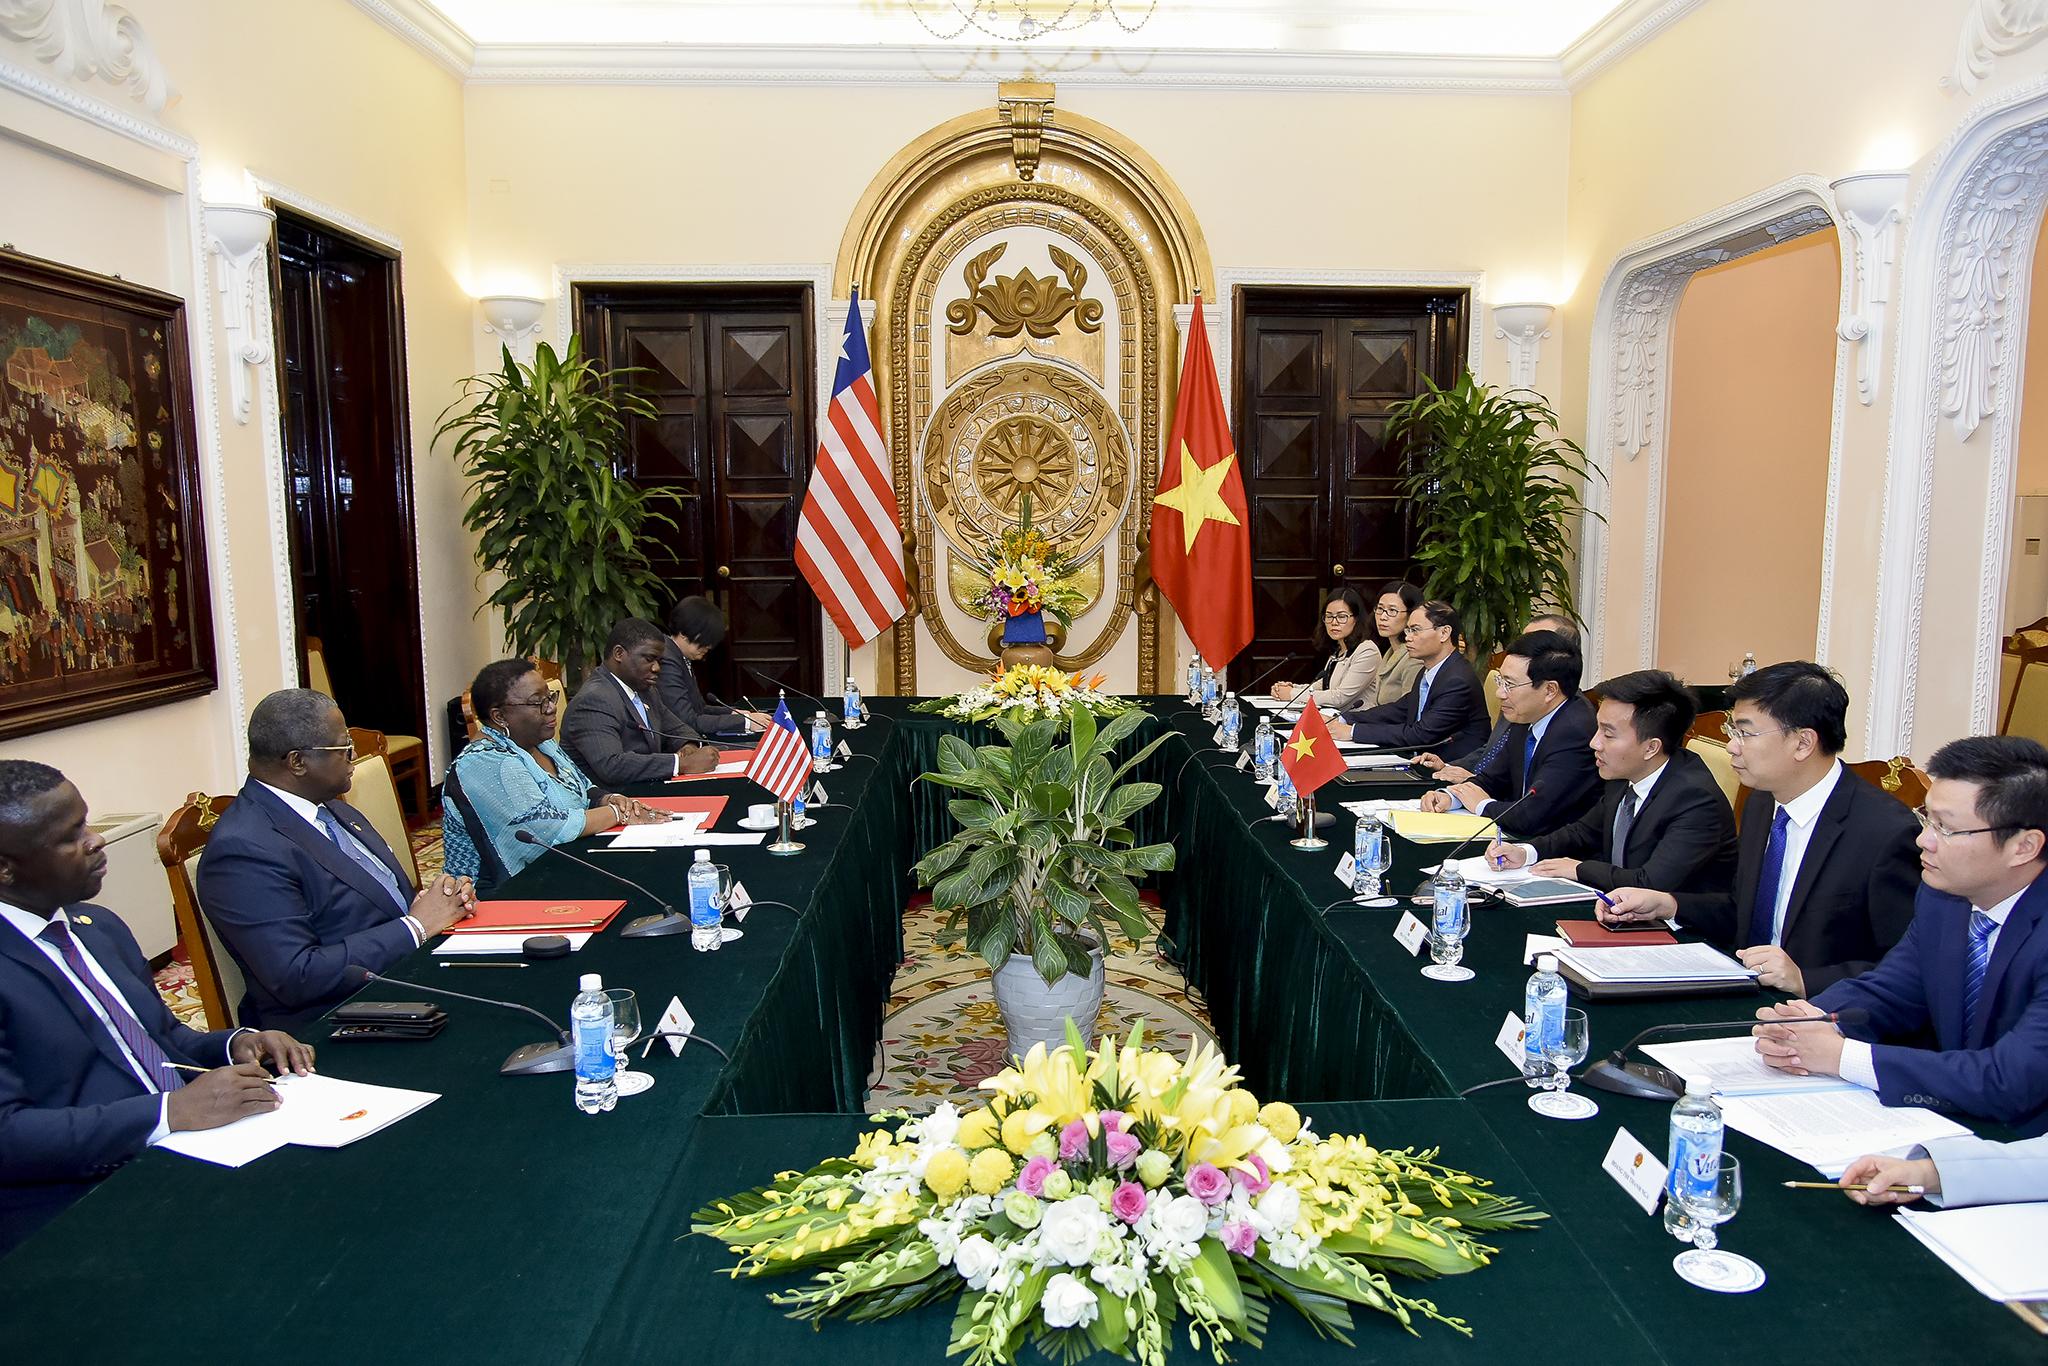 Thúc đẩy hợp tác song phương Việt Nam - Li-bê-ri-a